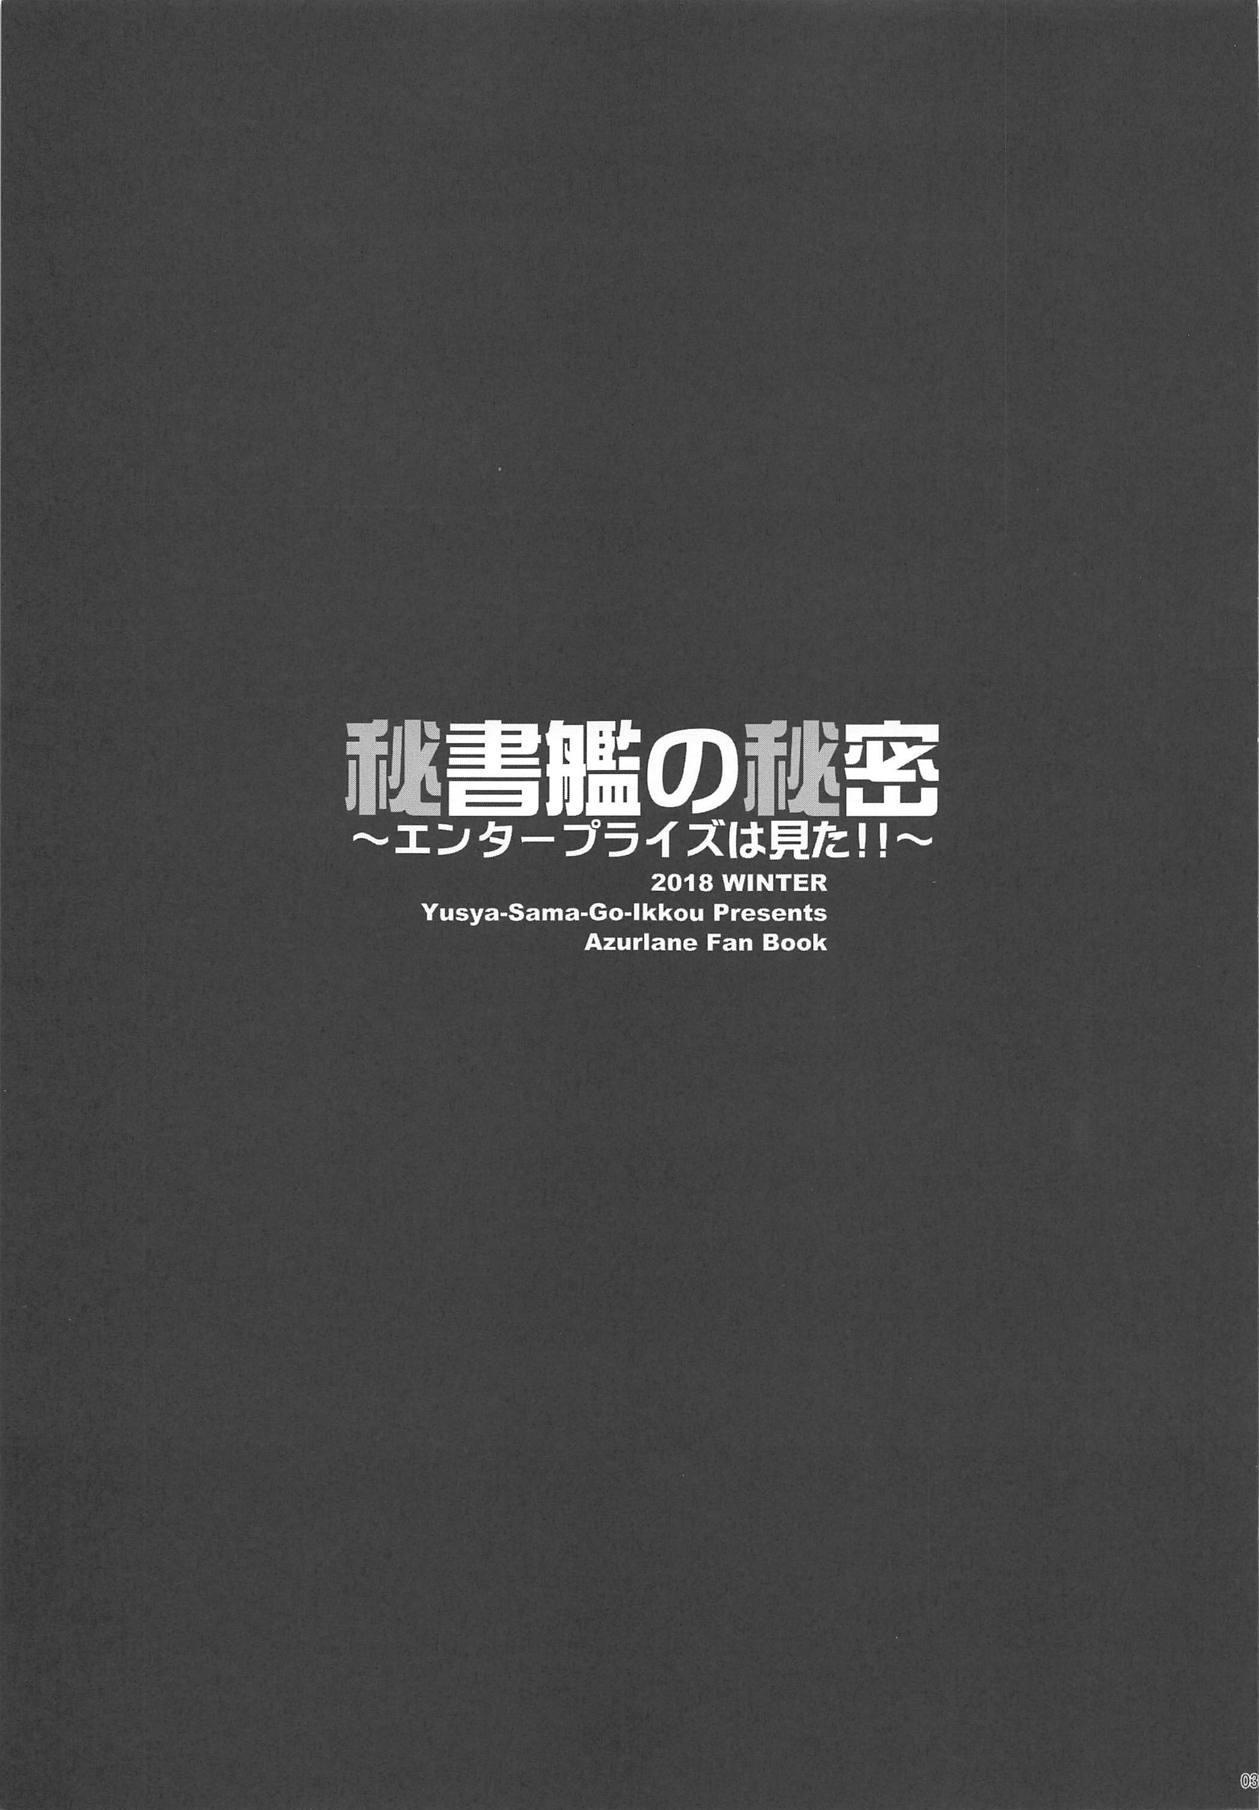 Hishokan no Himitsu 1